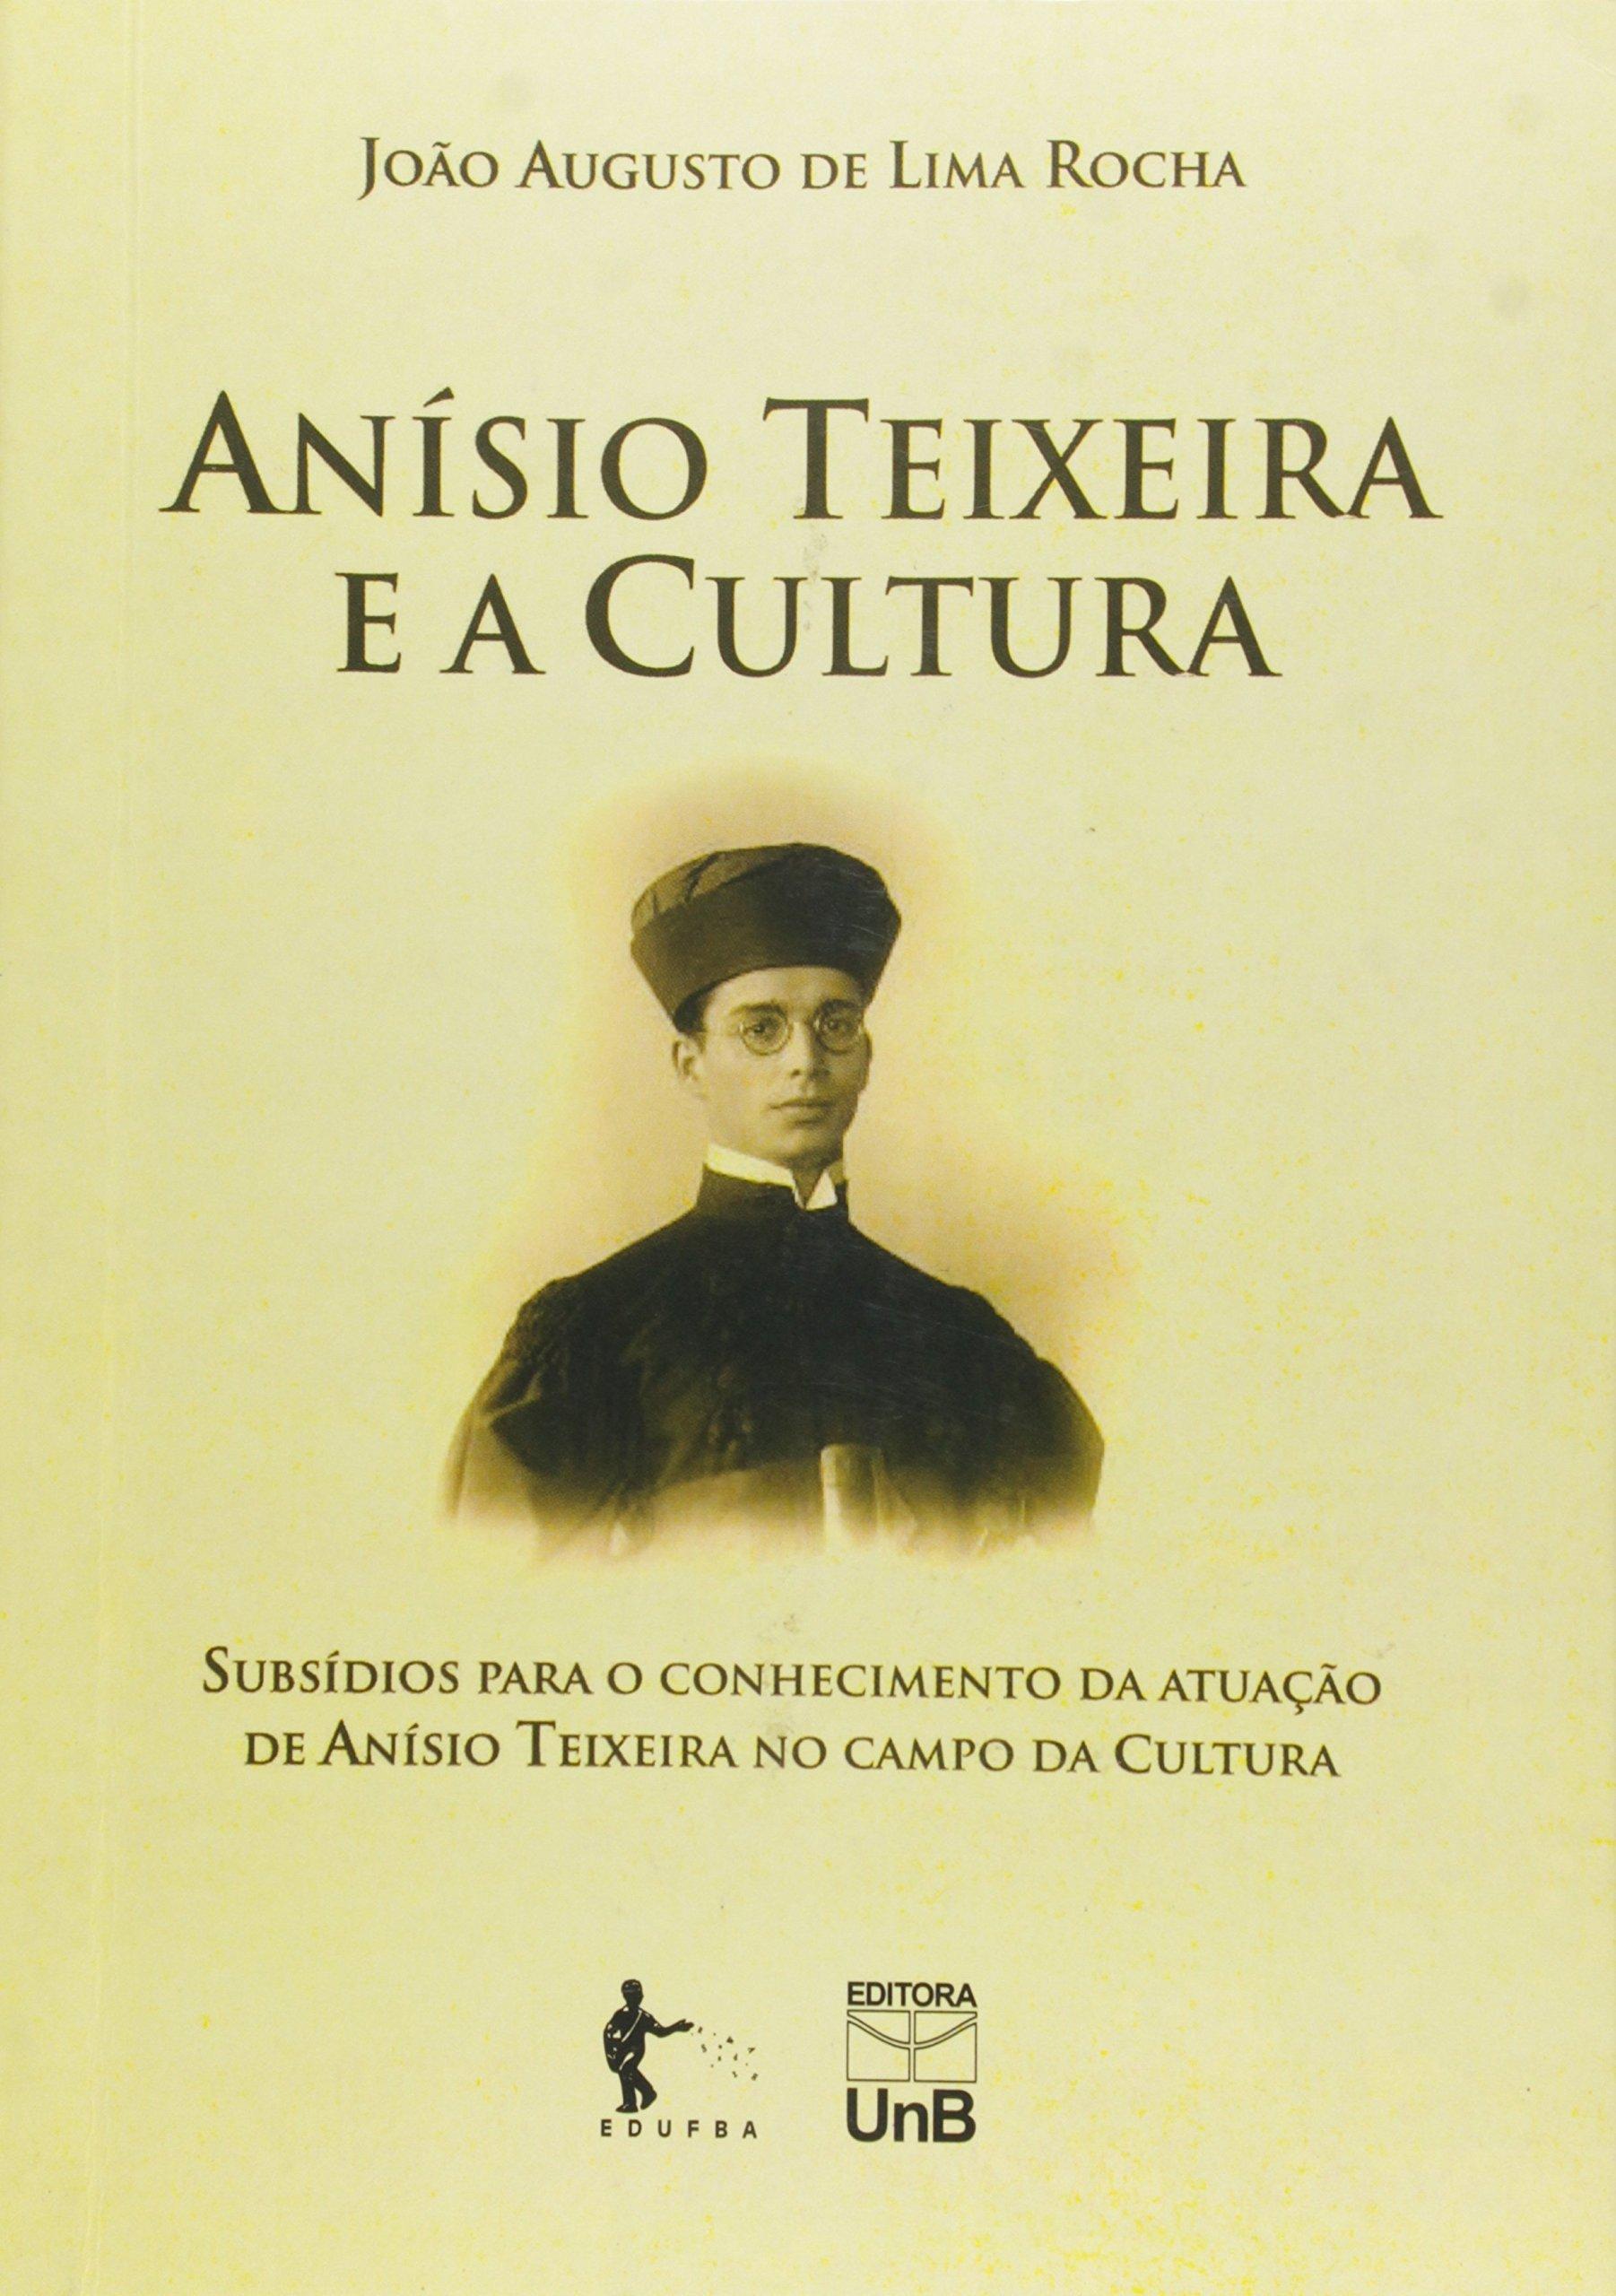 Anísio Teixeira e a Cultura: Subsídios Para o Conhecimento da Atuação de Anísio Teixeira no Campo da, livro de João Augusto de Lima Rocha